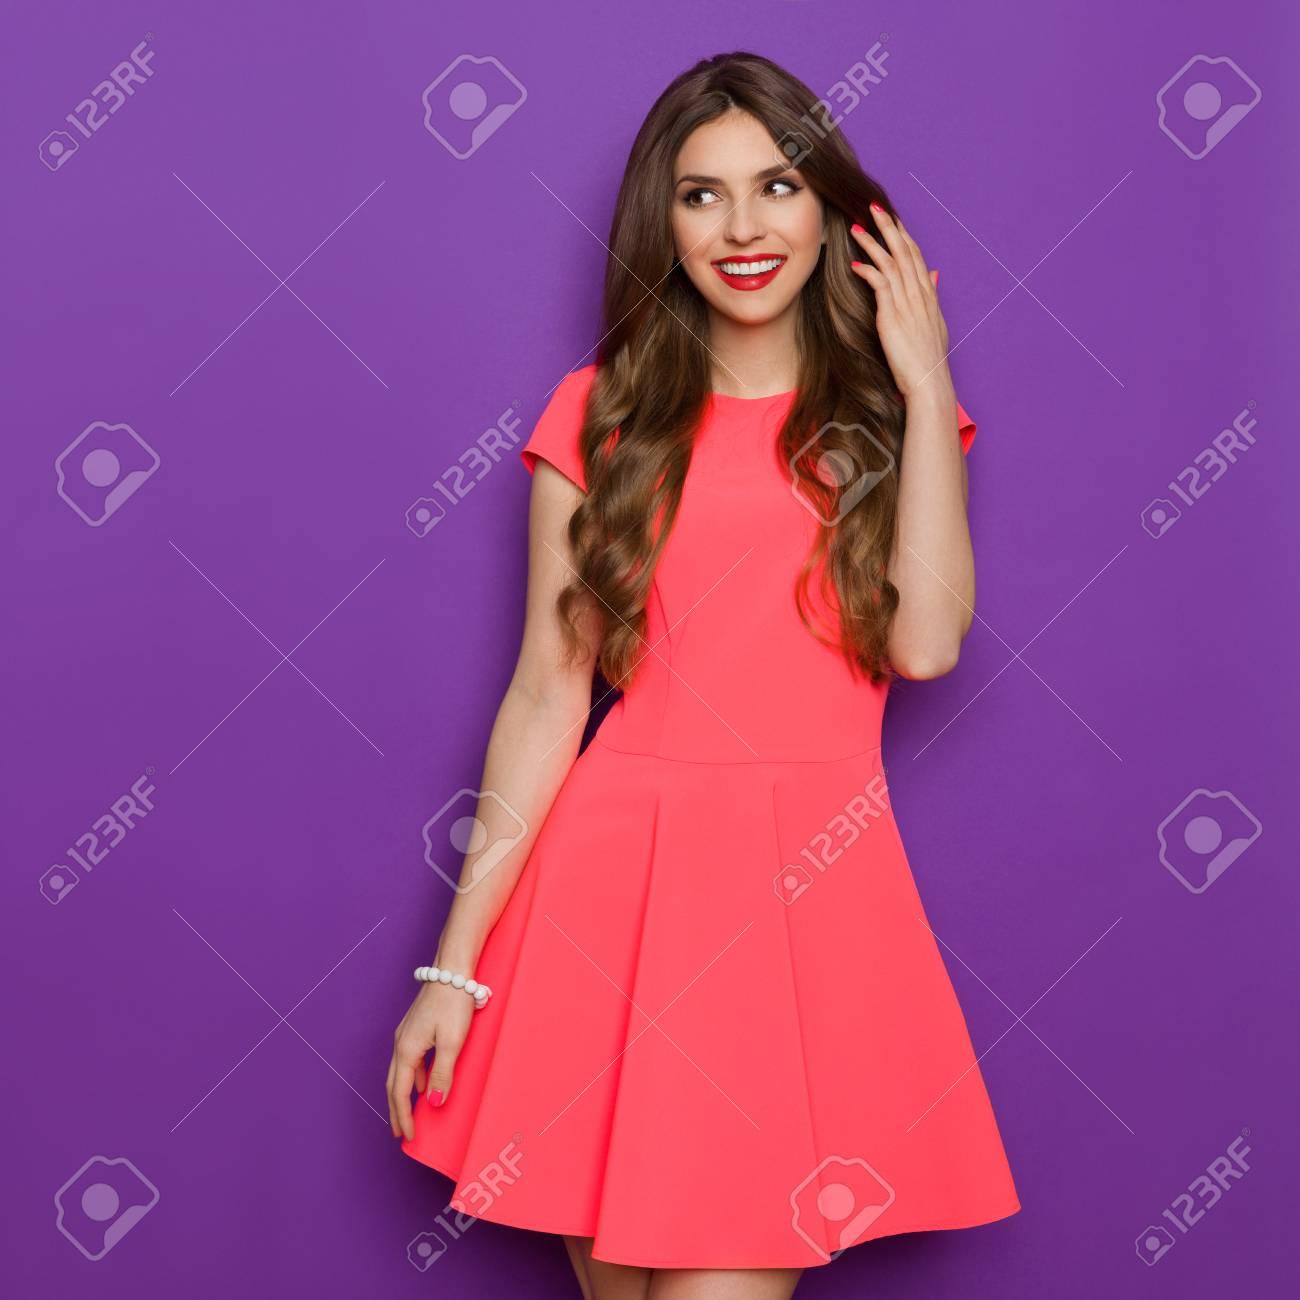 La Mujer Joven Sonriente Elegancia En Rosa El Mini Vestido De La ...